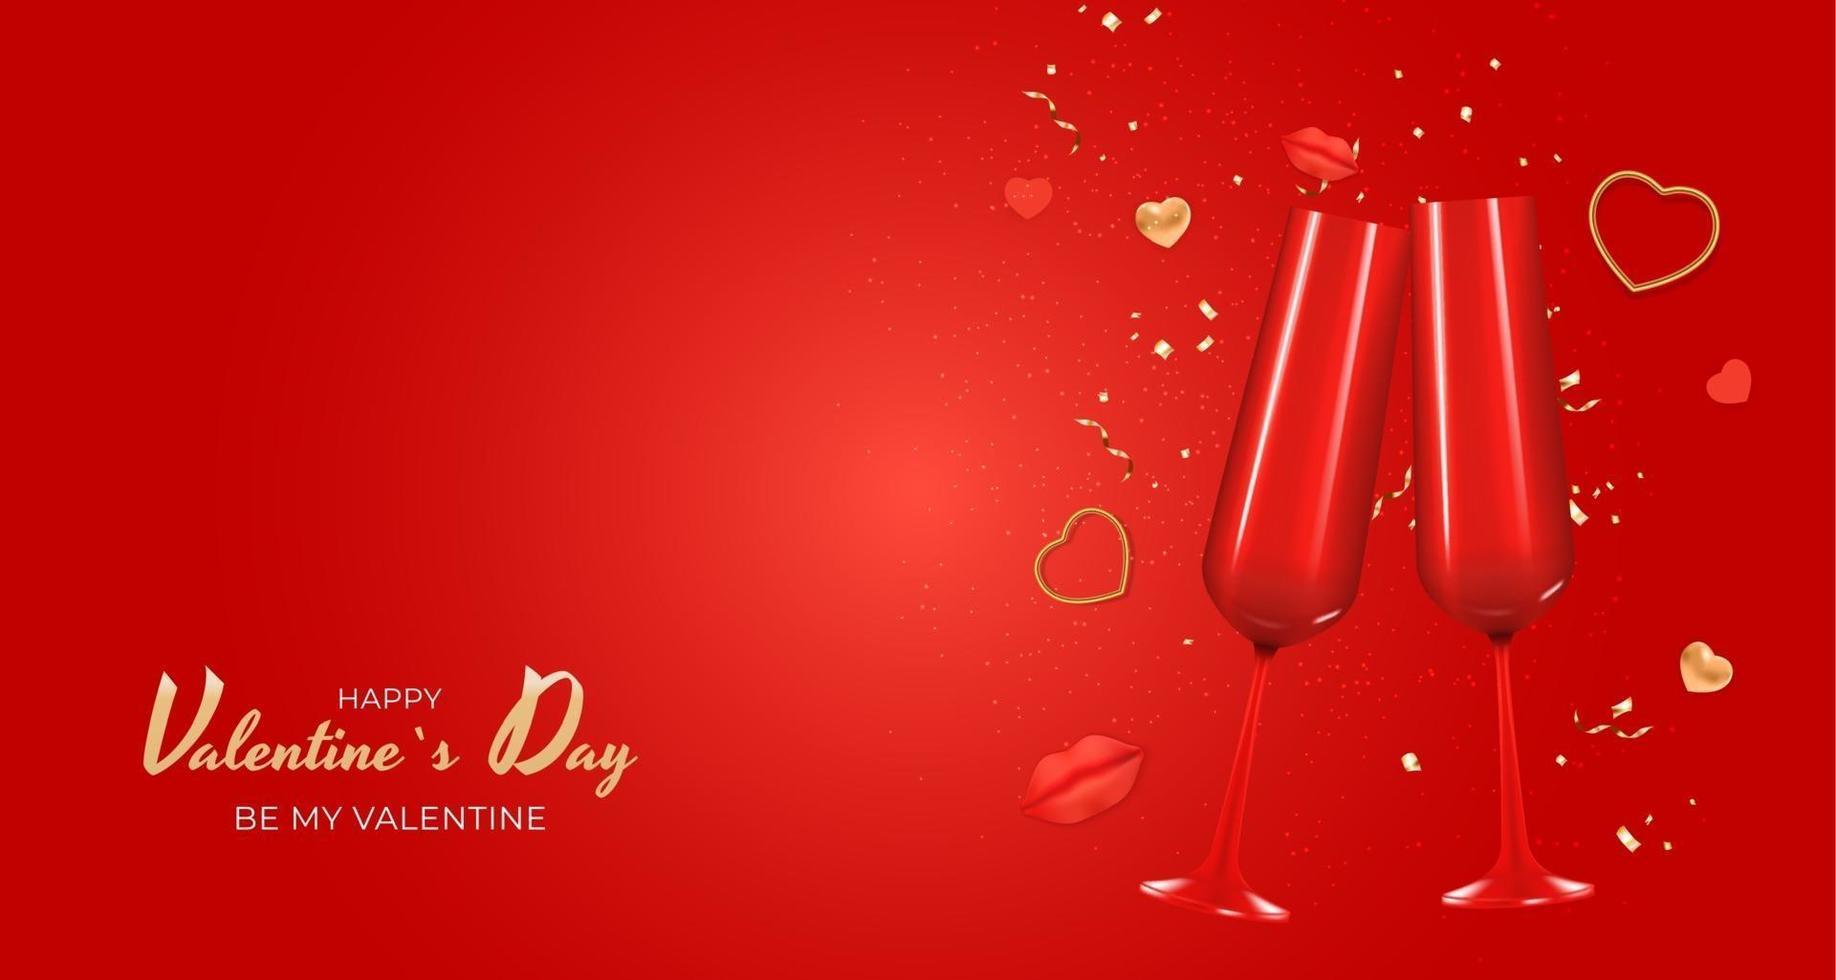 progettazione realistica del fondo della carta del regalo di festa di San Valentino. vettore